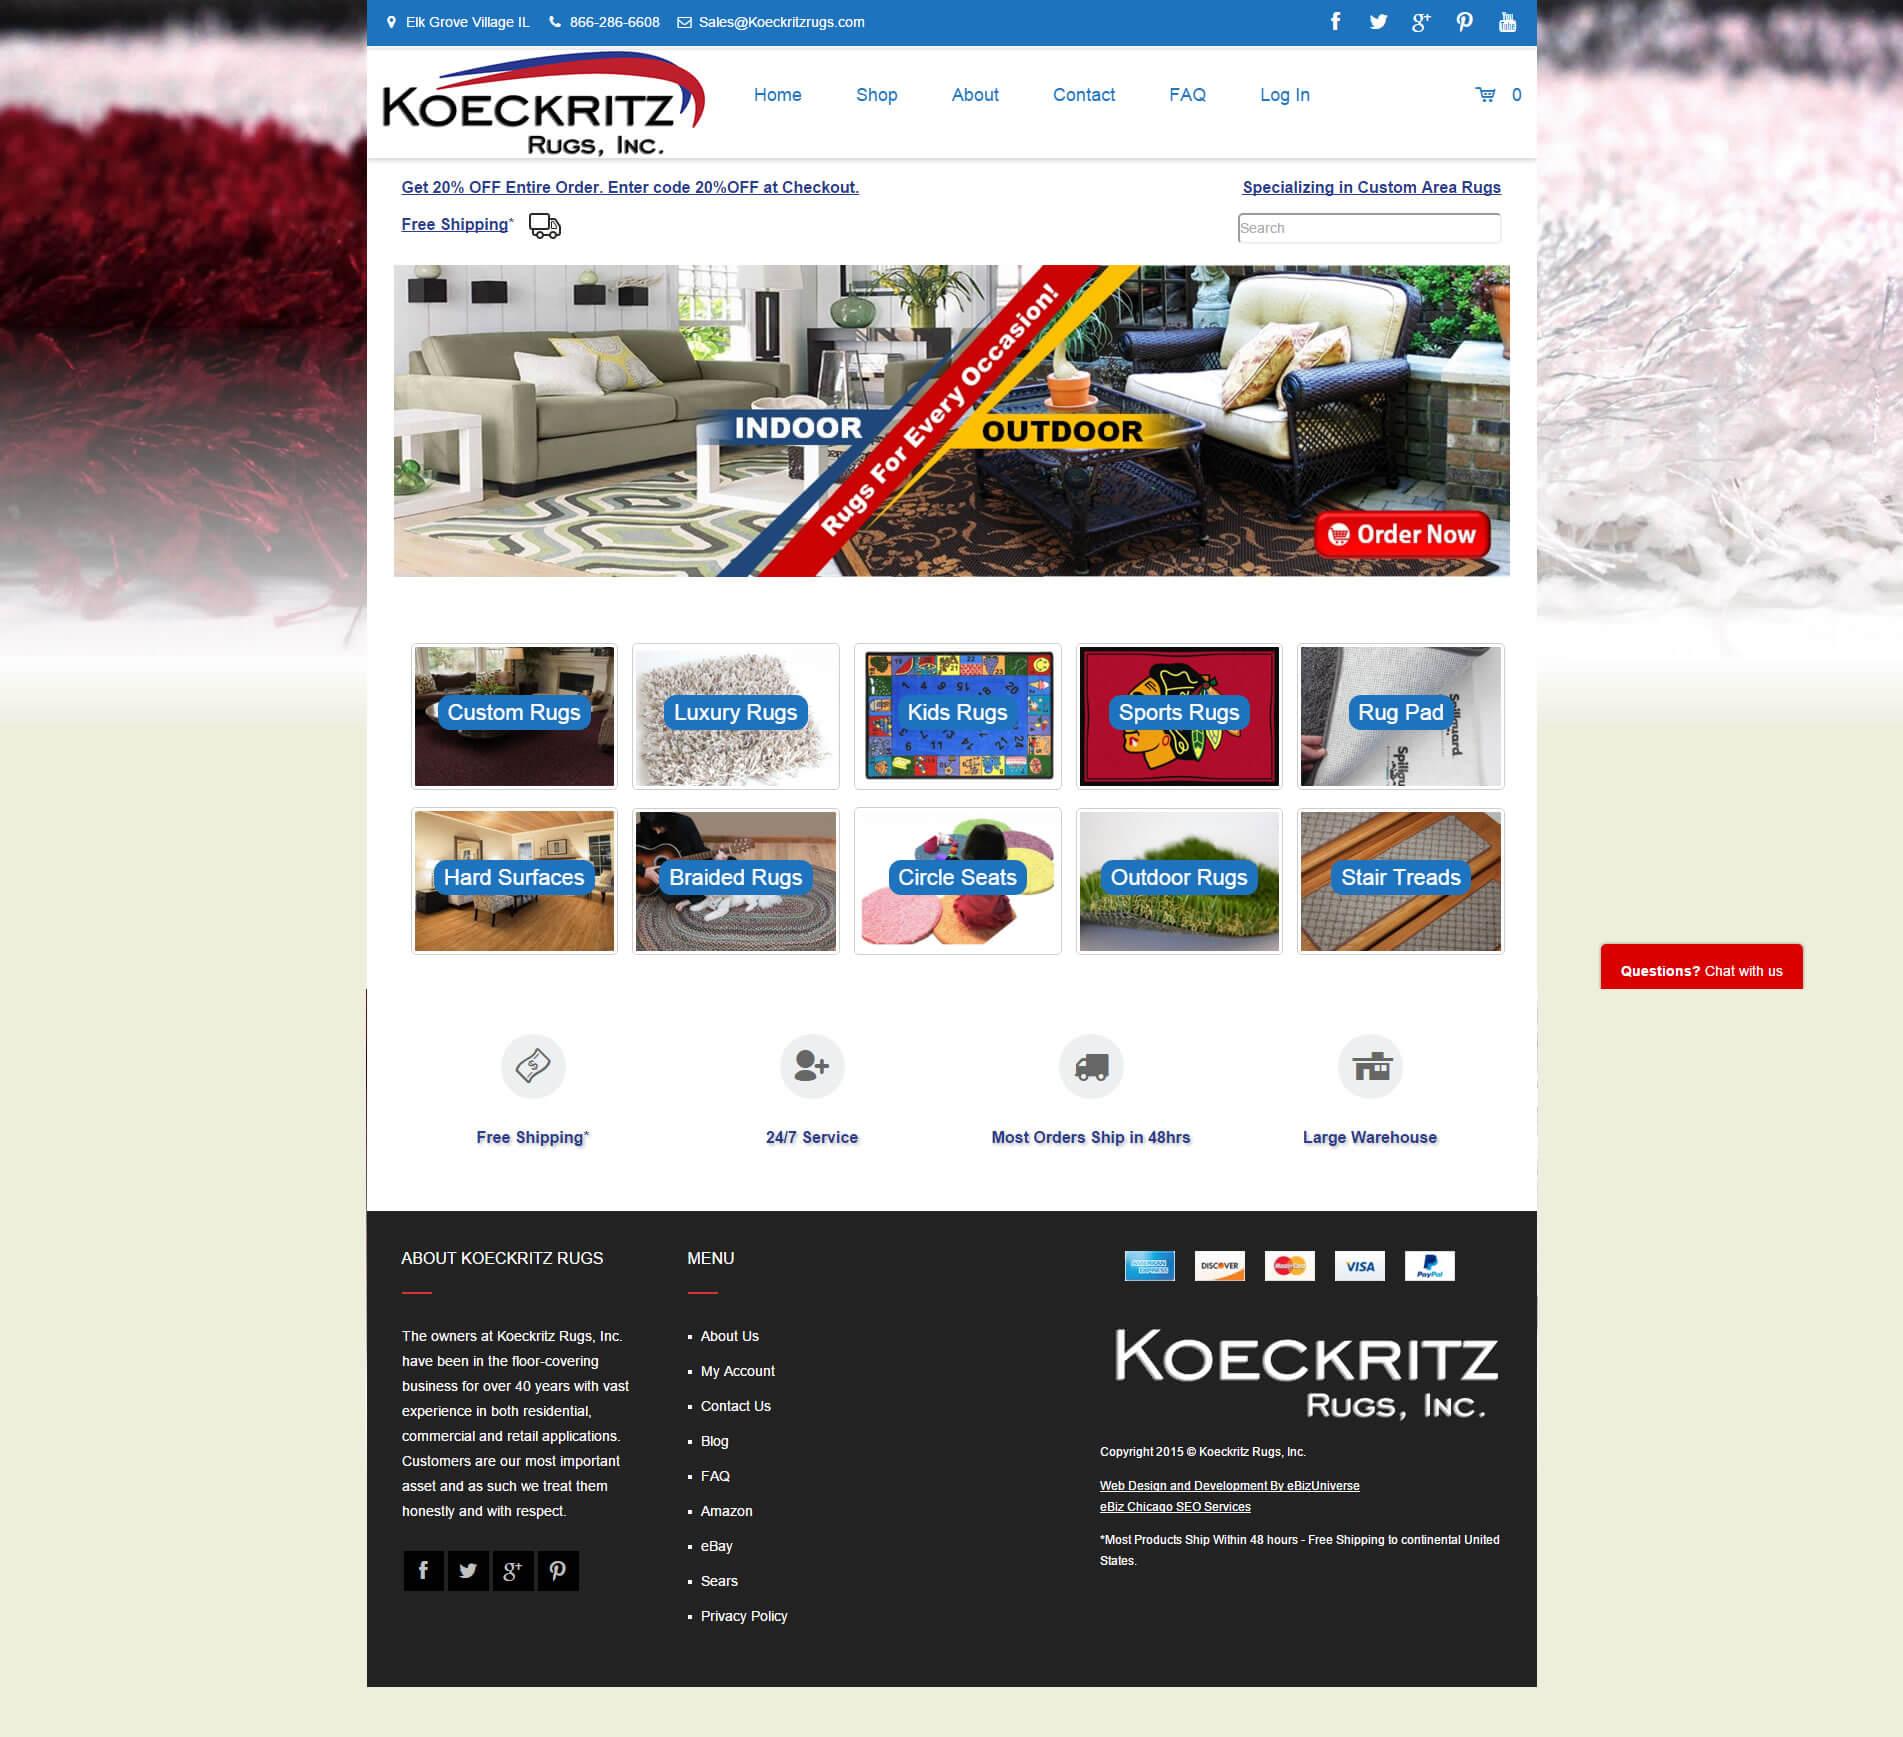 Koeckritz Rugs